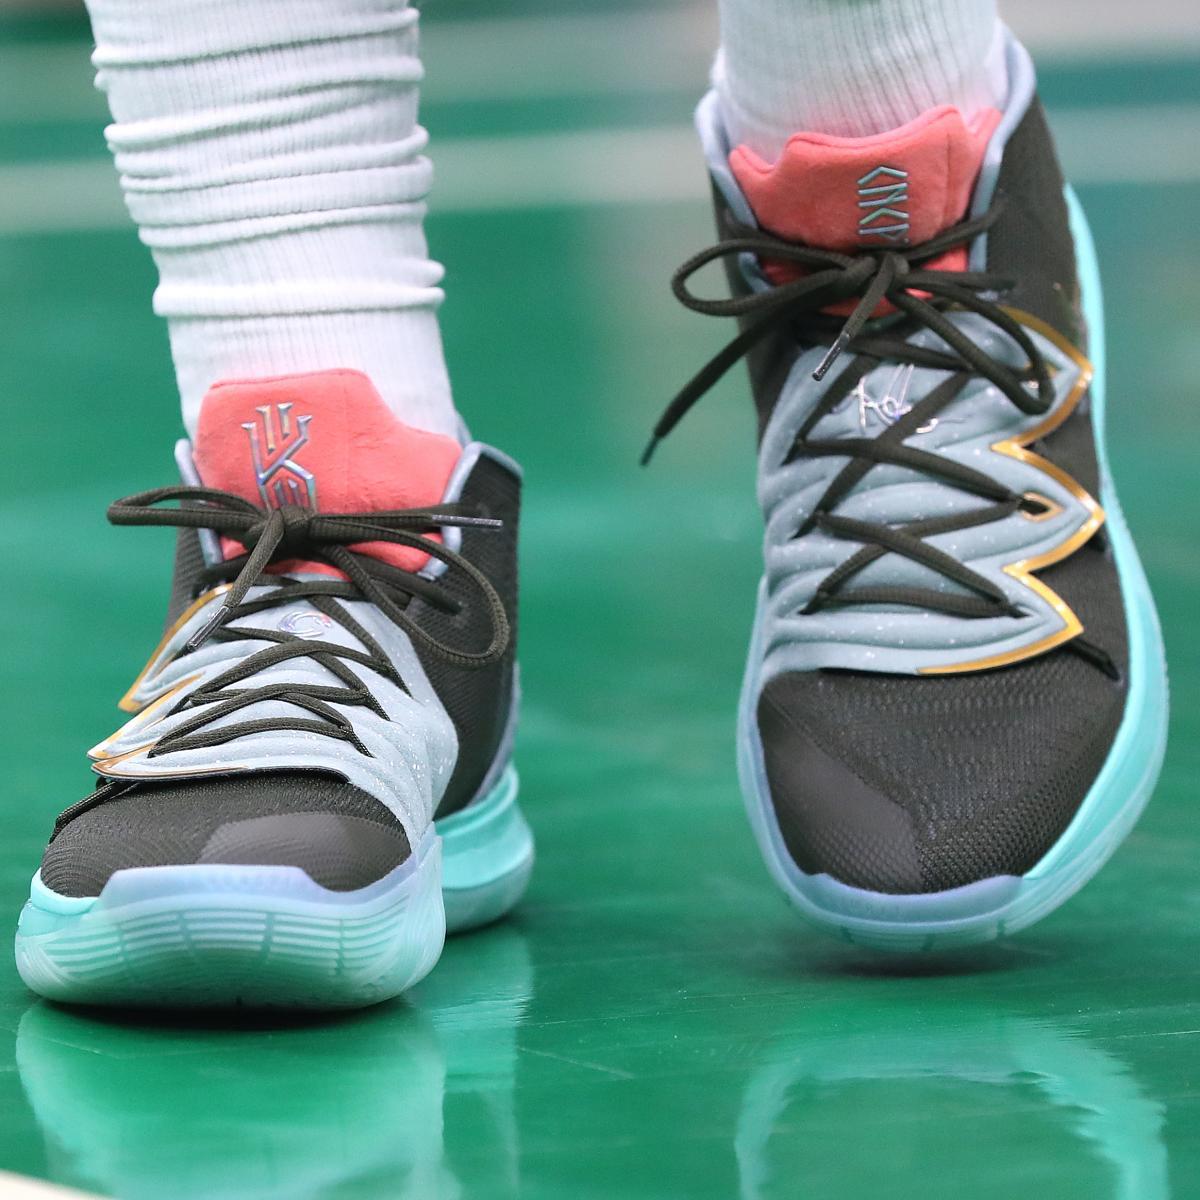 b4af82e3443dae B R Kicks x NBA Nightly  New CNCPTS x Kyrie 5